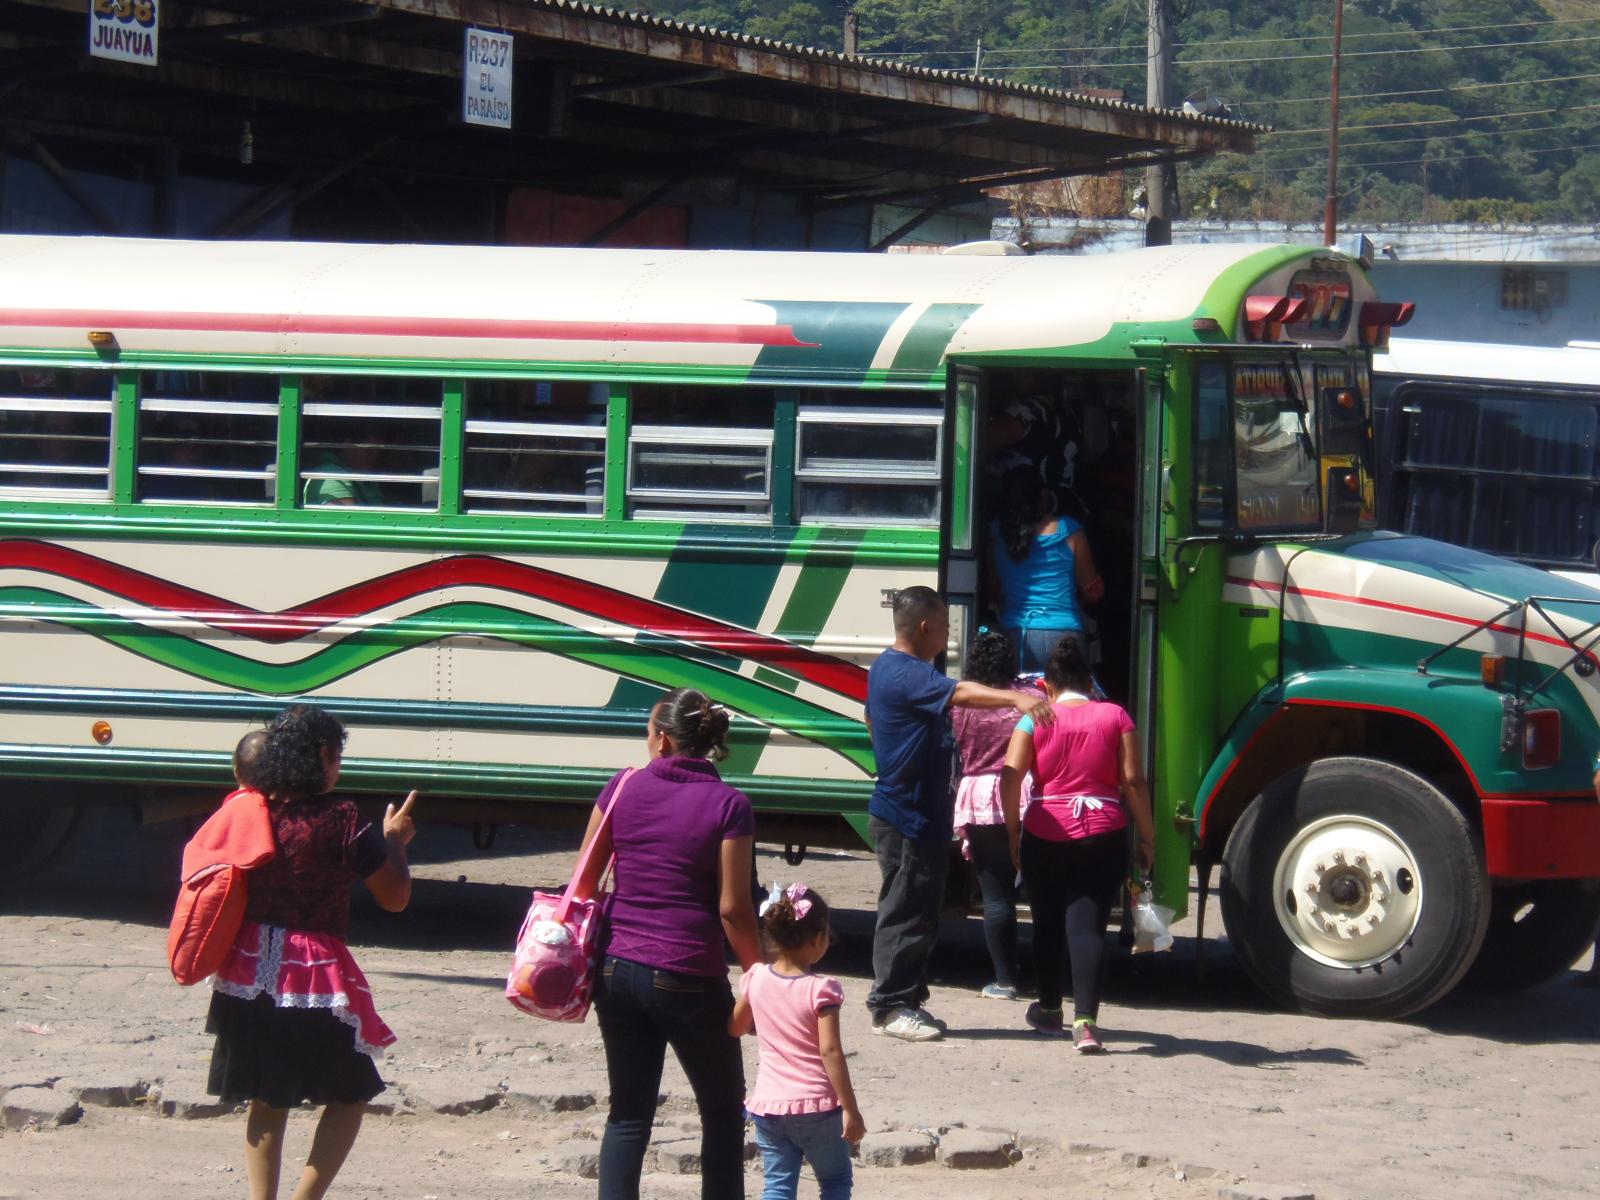 Conozca la nueva logística que deben acatar las rutas de buses en la terminal Francisco Lara Pineda